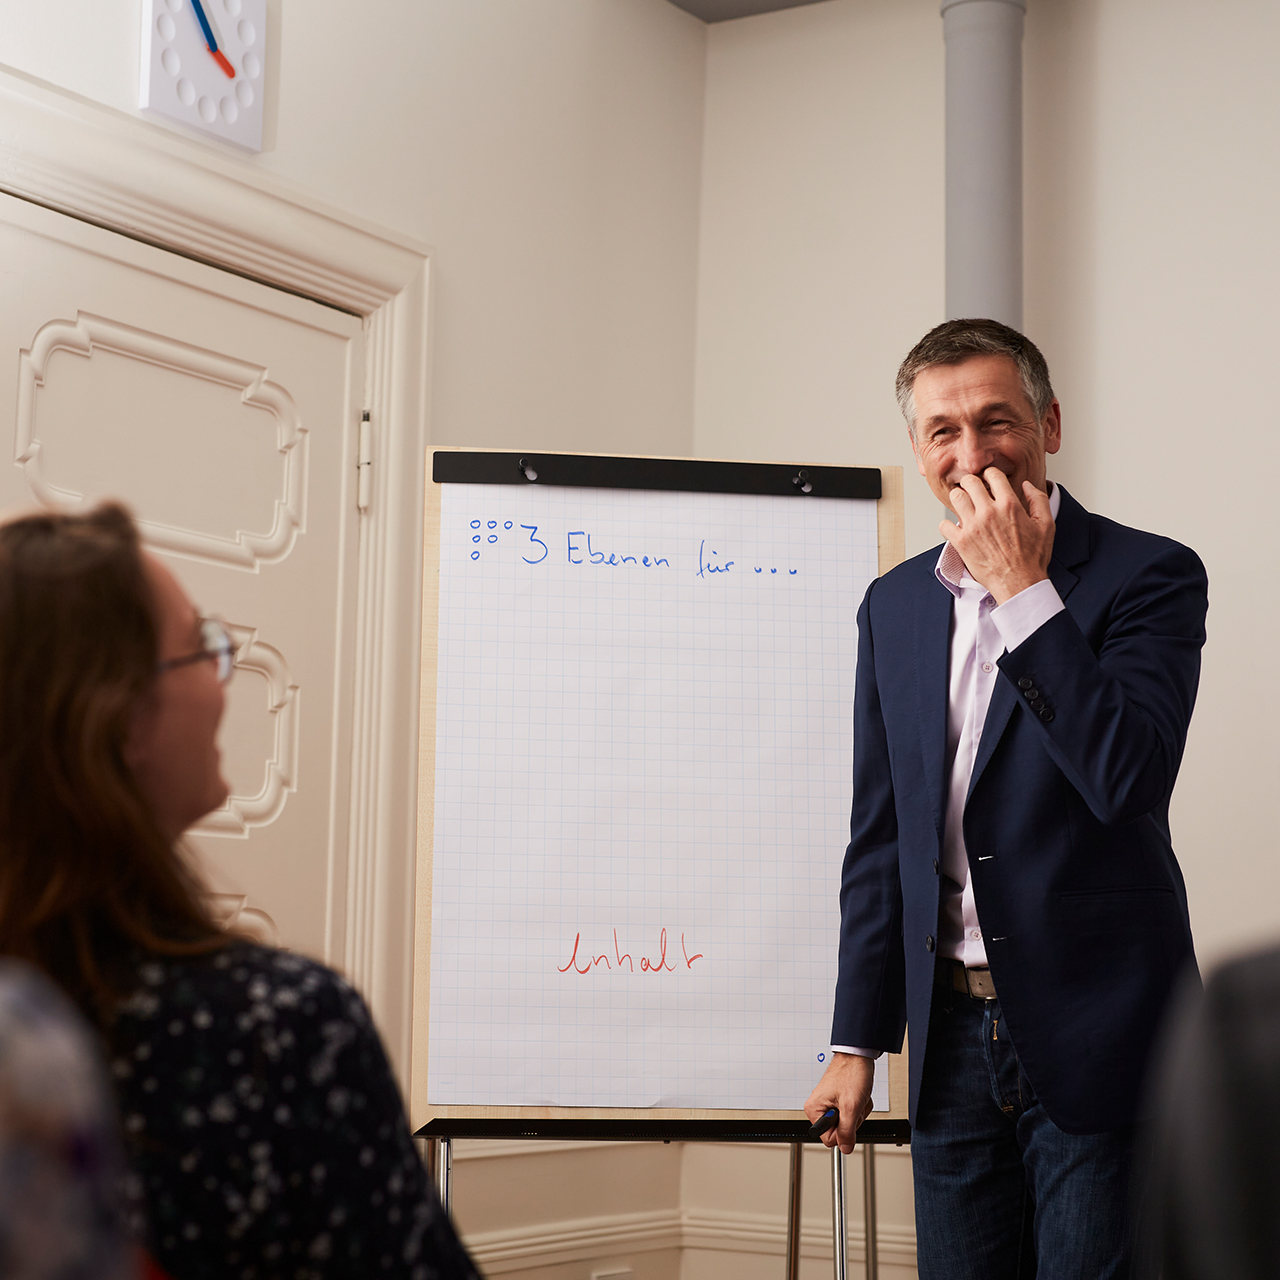 Michael Geerdts erklärt Teilnehmern eines Präsentations Workshops die spannende Inszenierung ihrer Themen